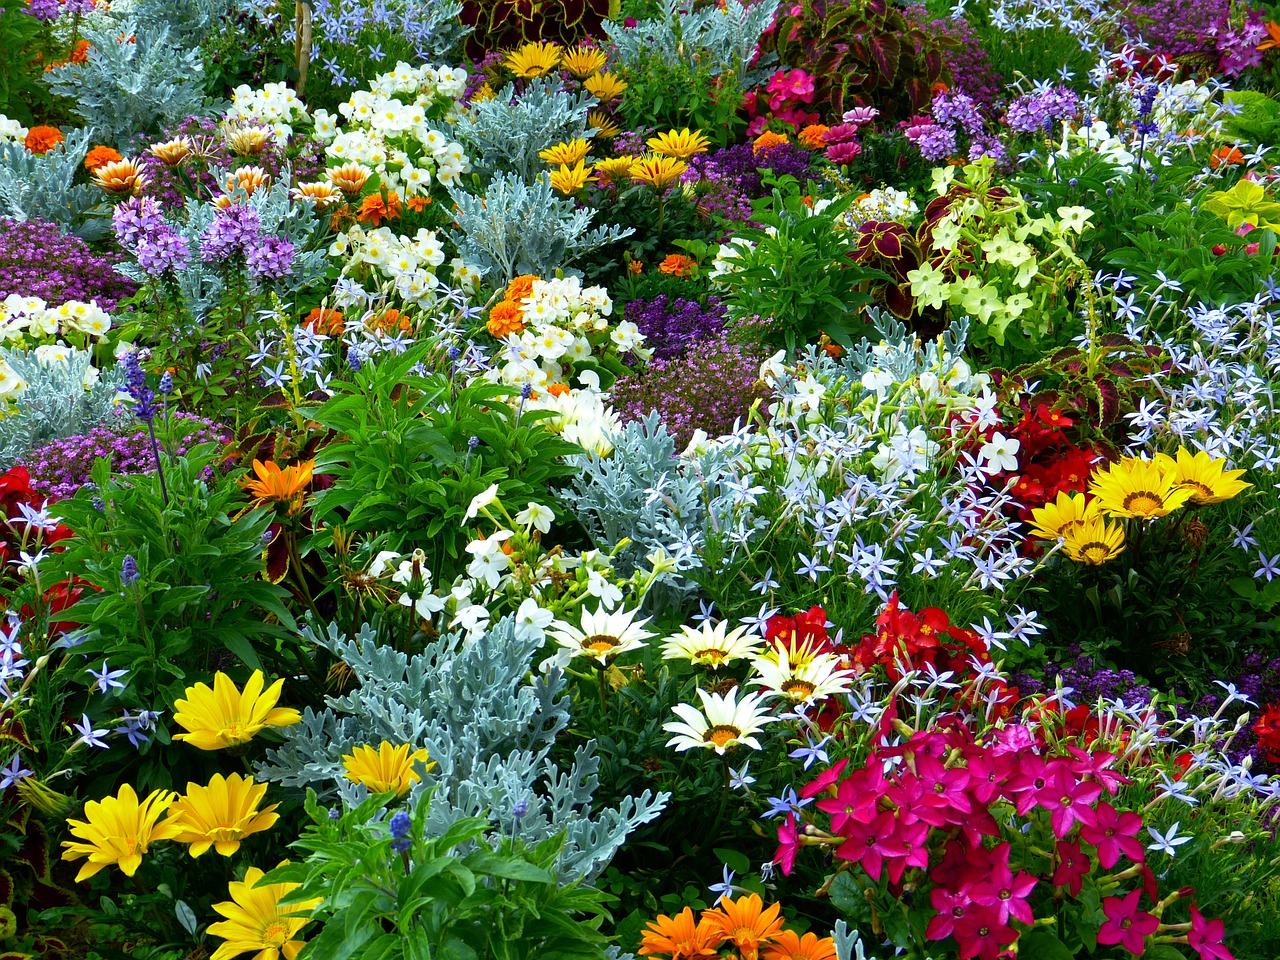 Der Blumengarten muss schon im Frühjahr geplant werden